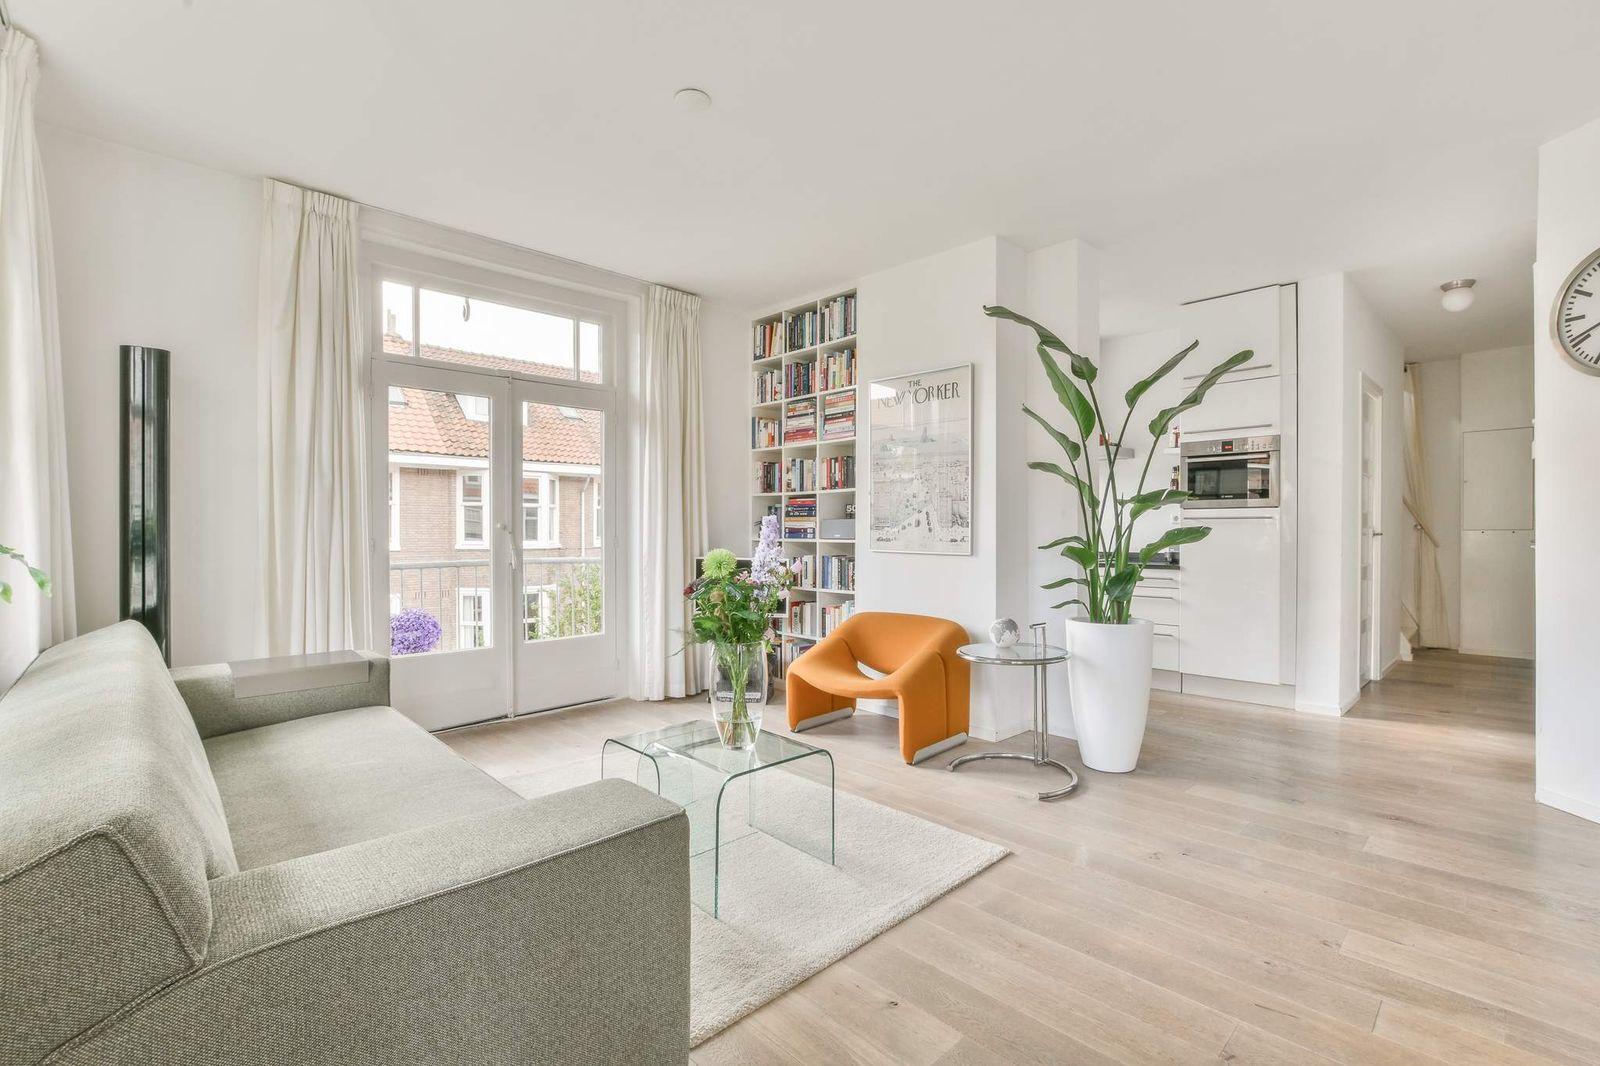 Woestduinstraat 106-2, Amsterdam